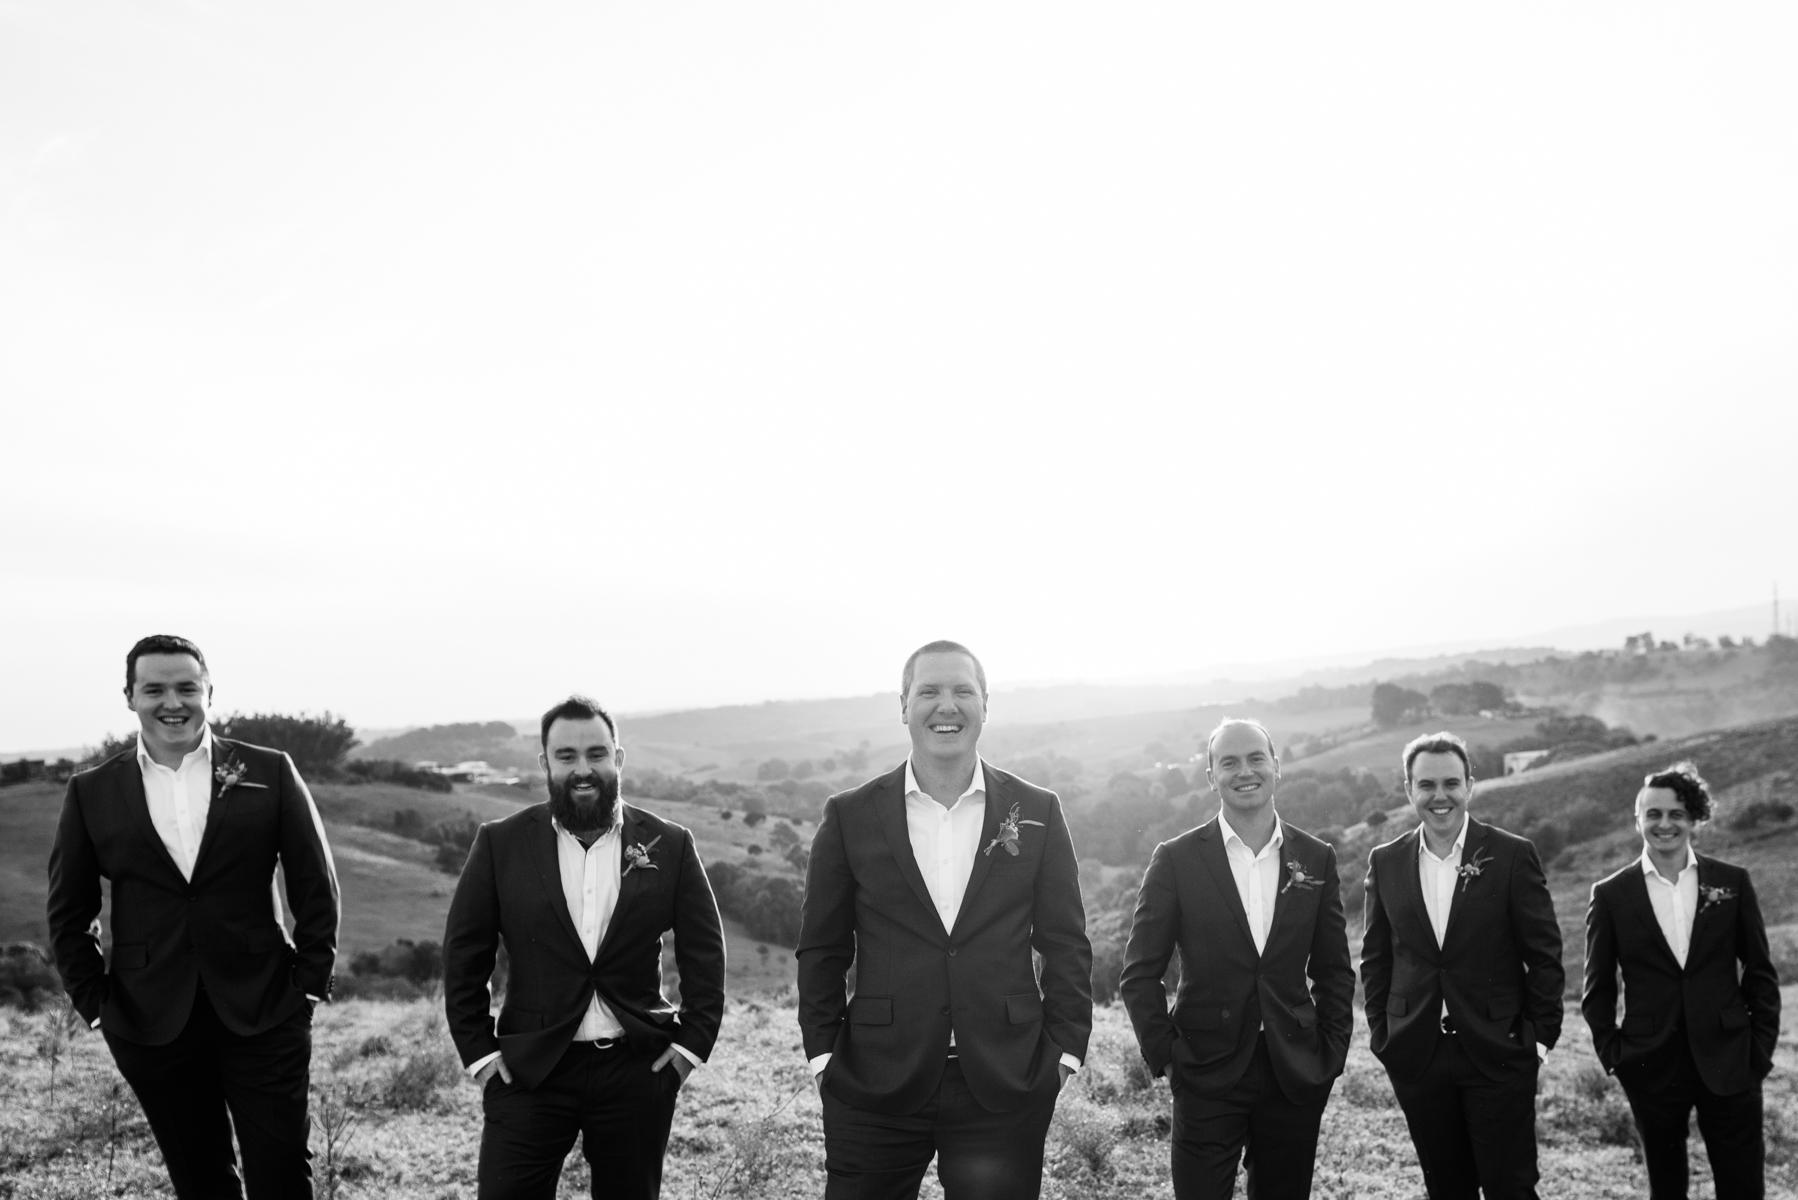 sarahandBenwedding- skyla sage photography weddings, families, byron bay,tweed coast,kingscliff,cabarita,gold coast-833.jpg